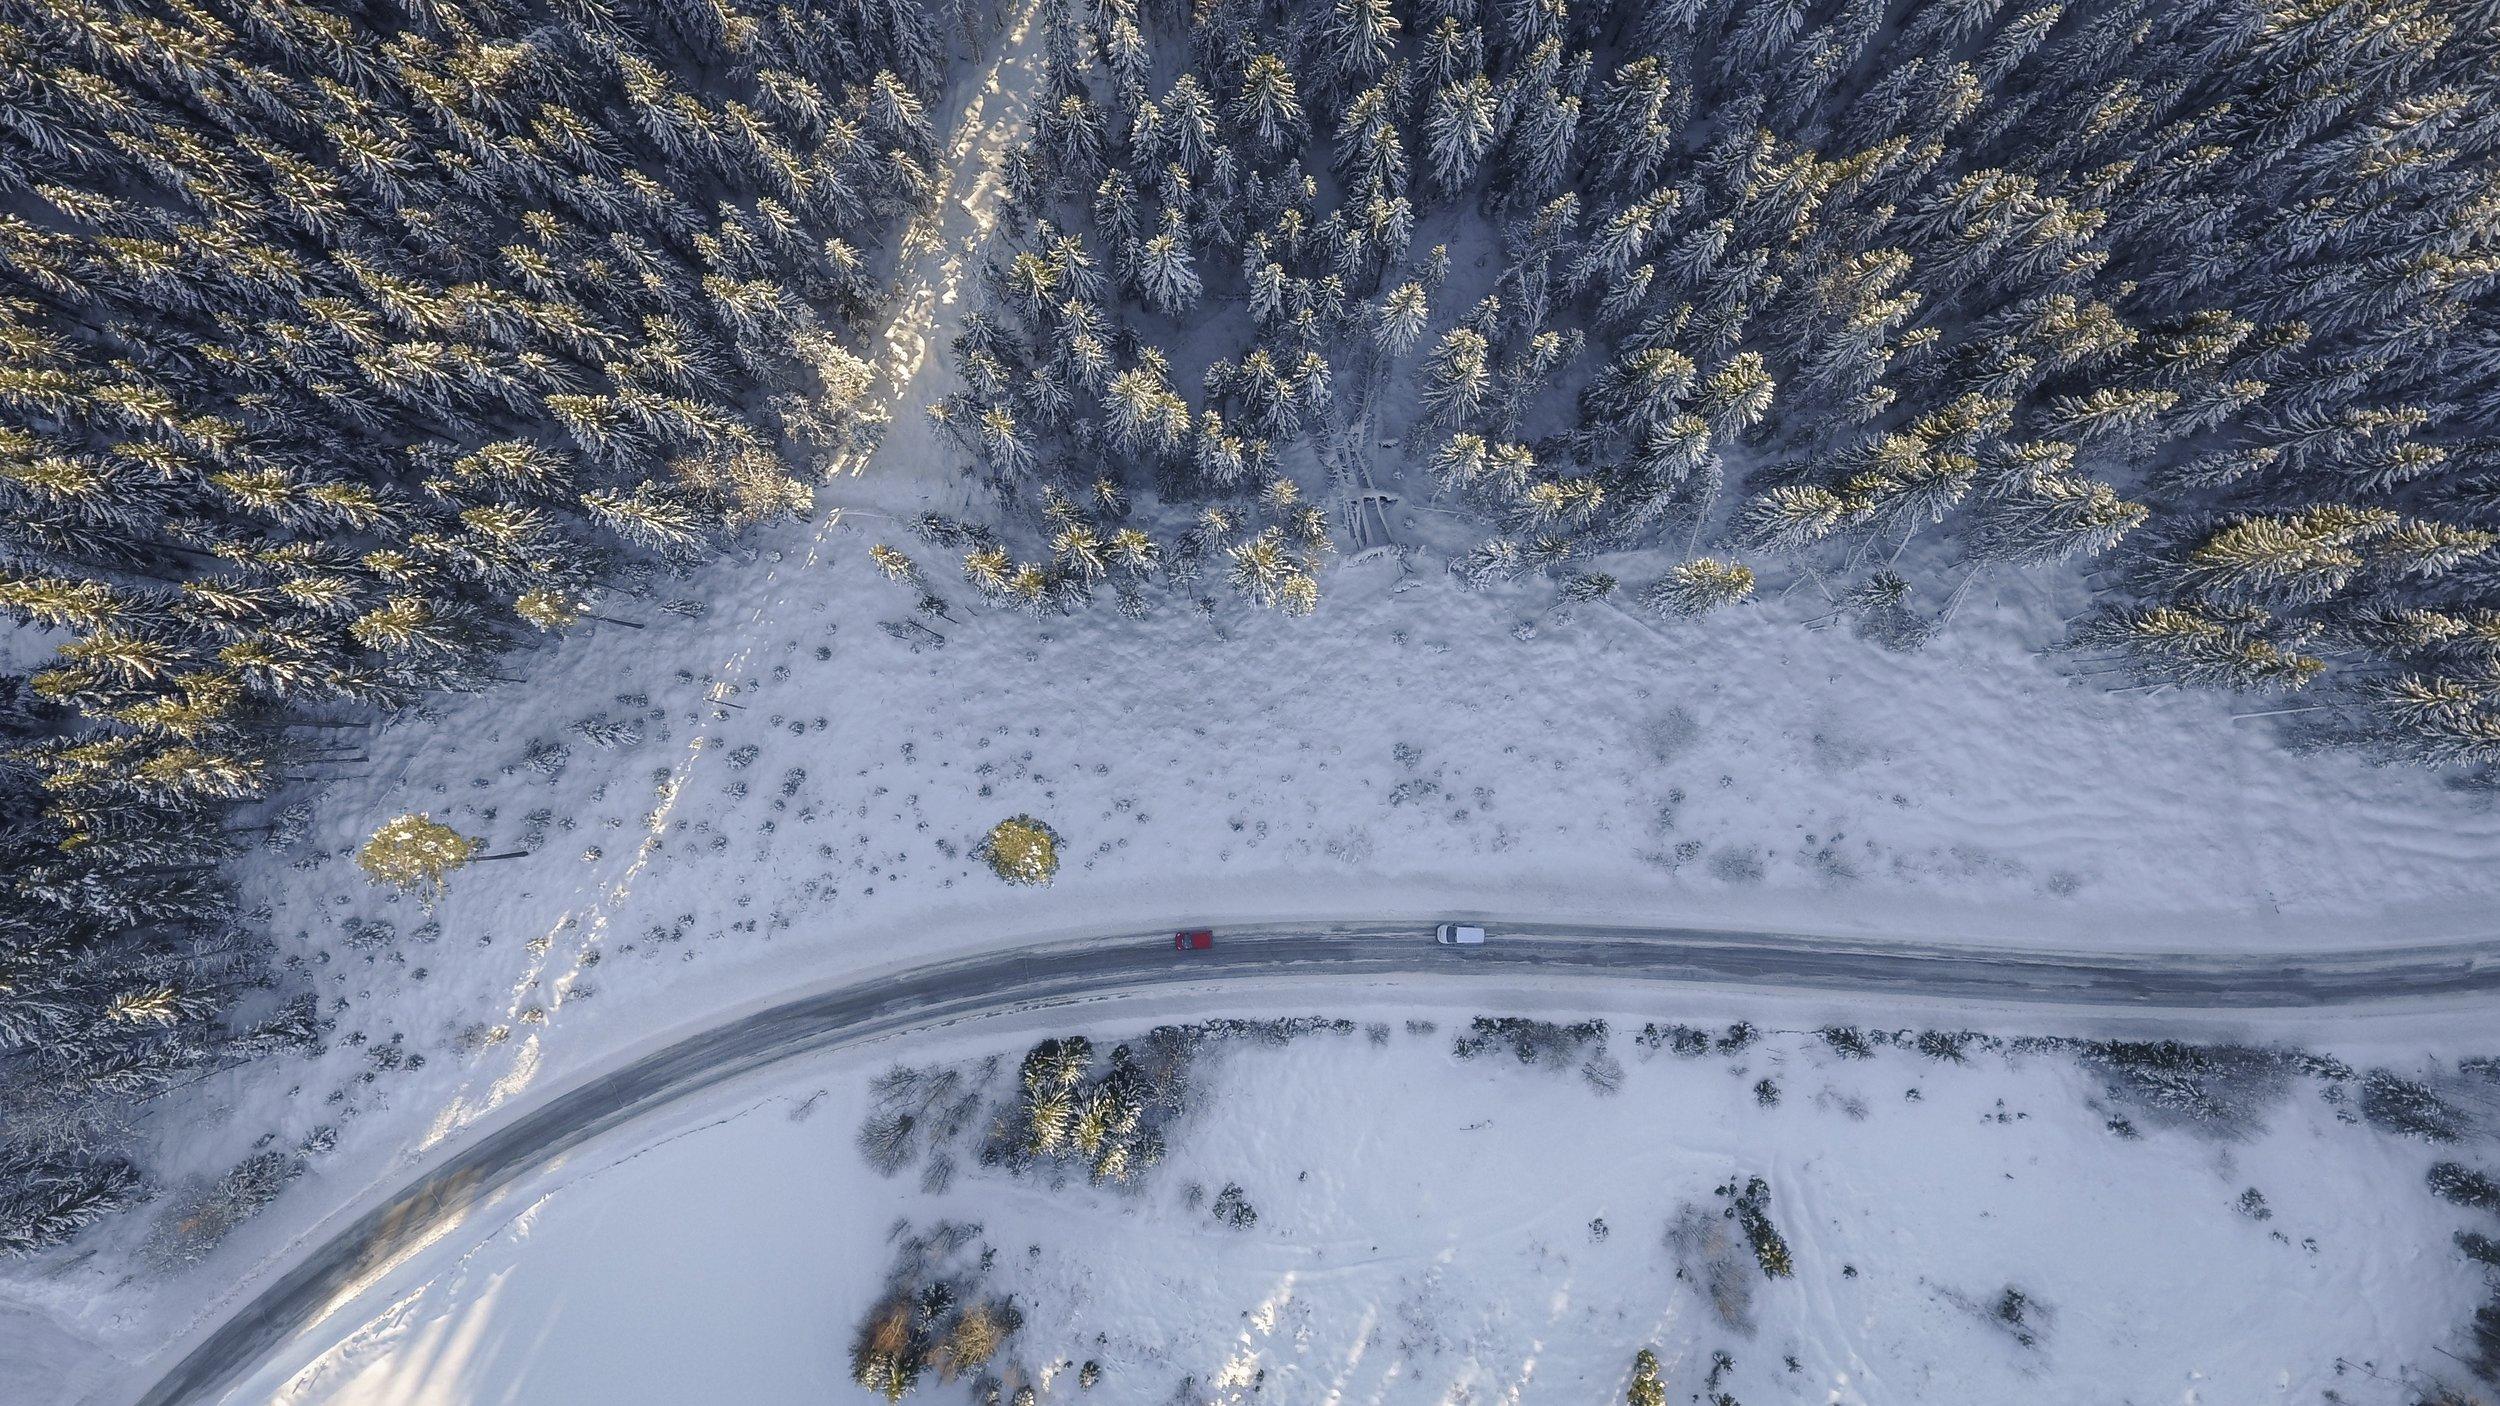 above-adventure-aerial-335046.jpg